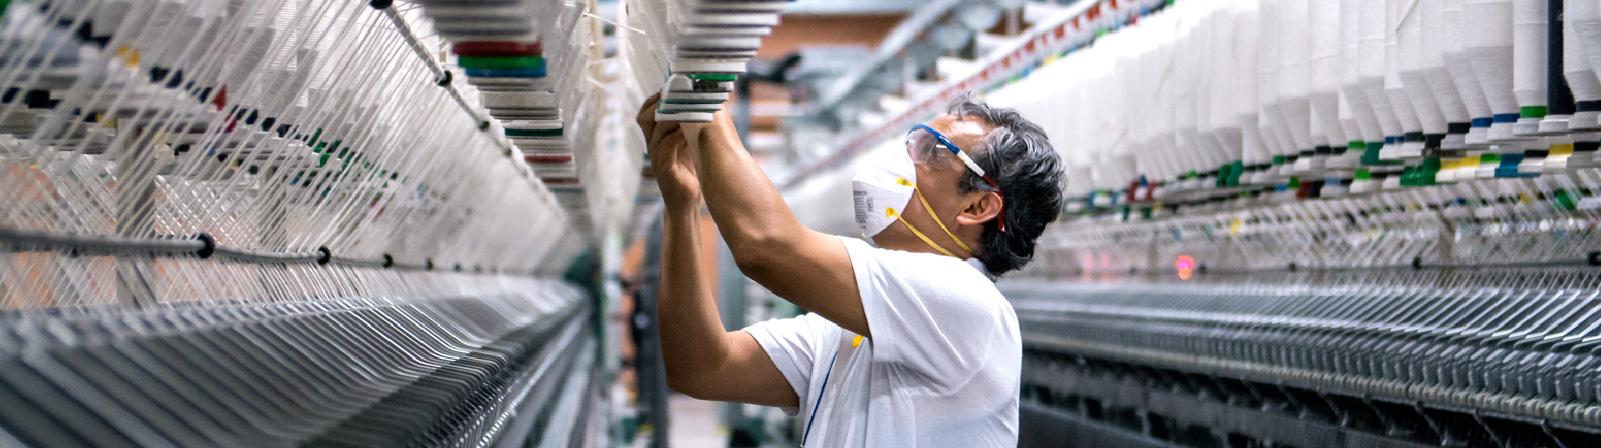 Empleado de Defils en la fábrica de Defils